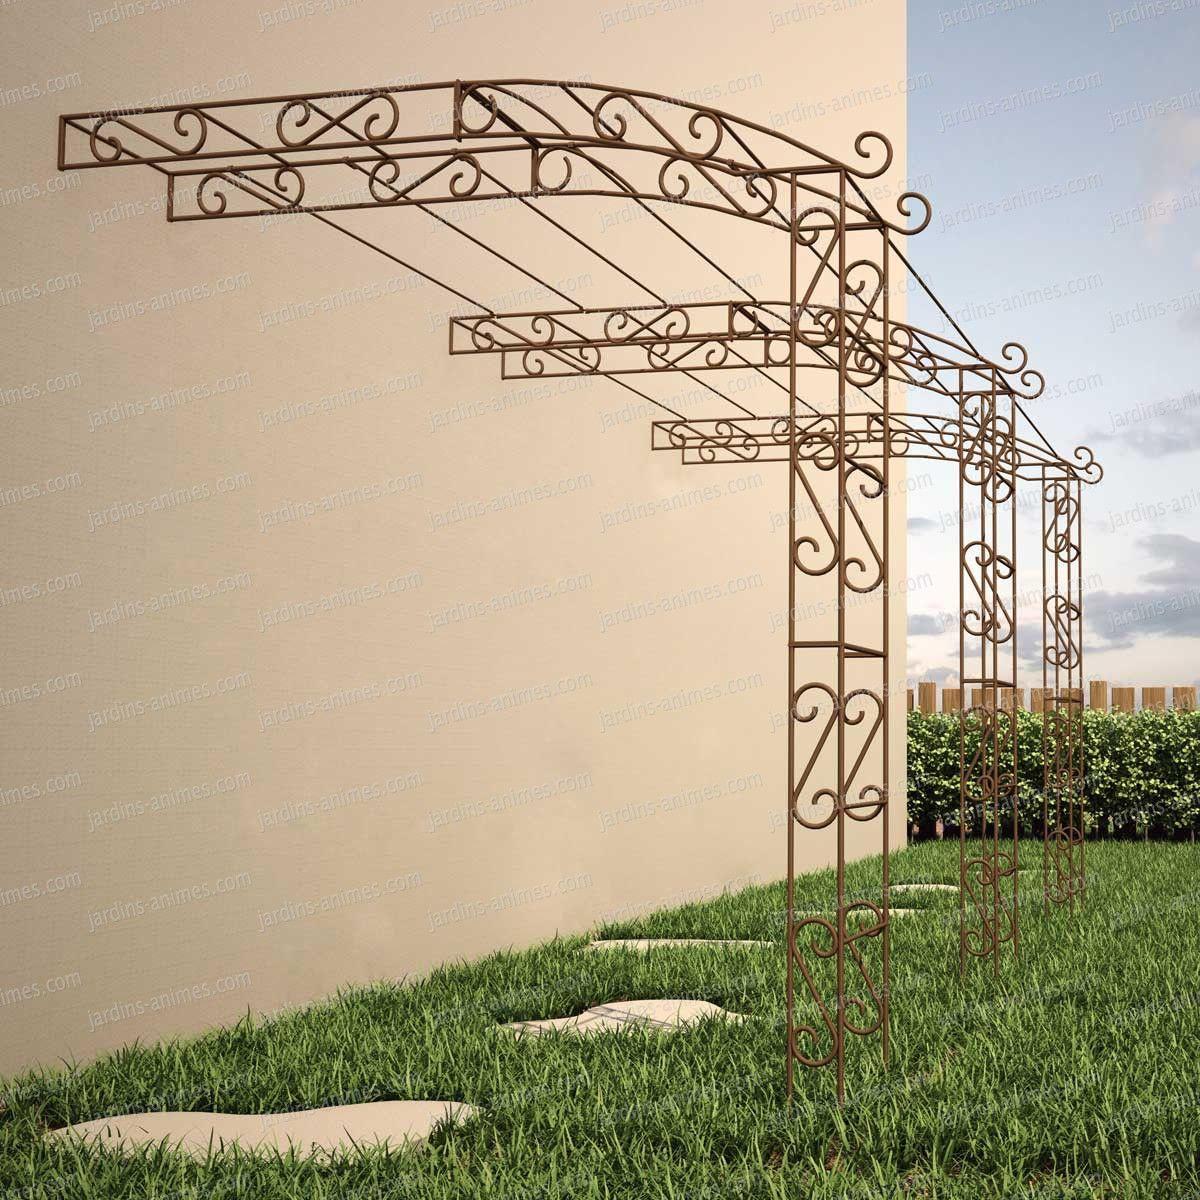 Pergola Adossée En Fer | Arche Jardin, Amenagement Jardin Et ... tout Arche De Jardin Pas Cher